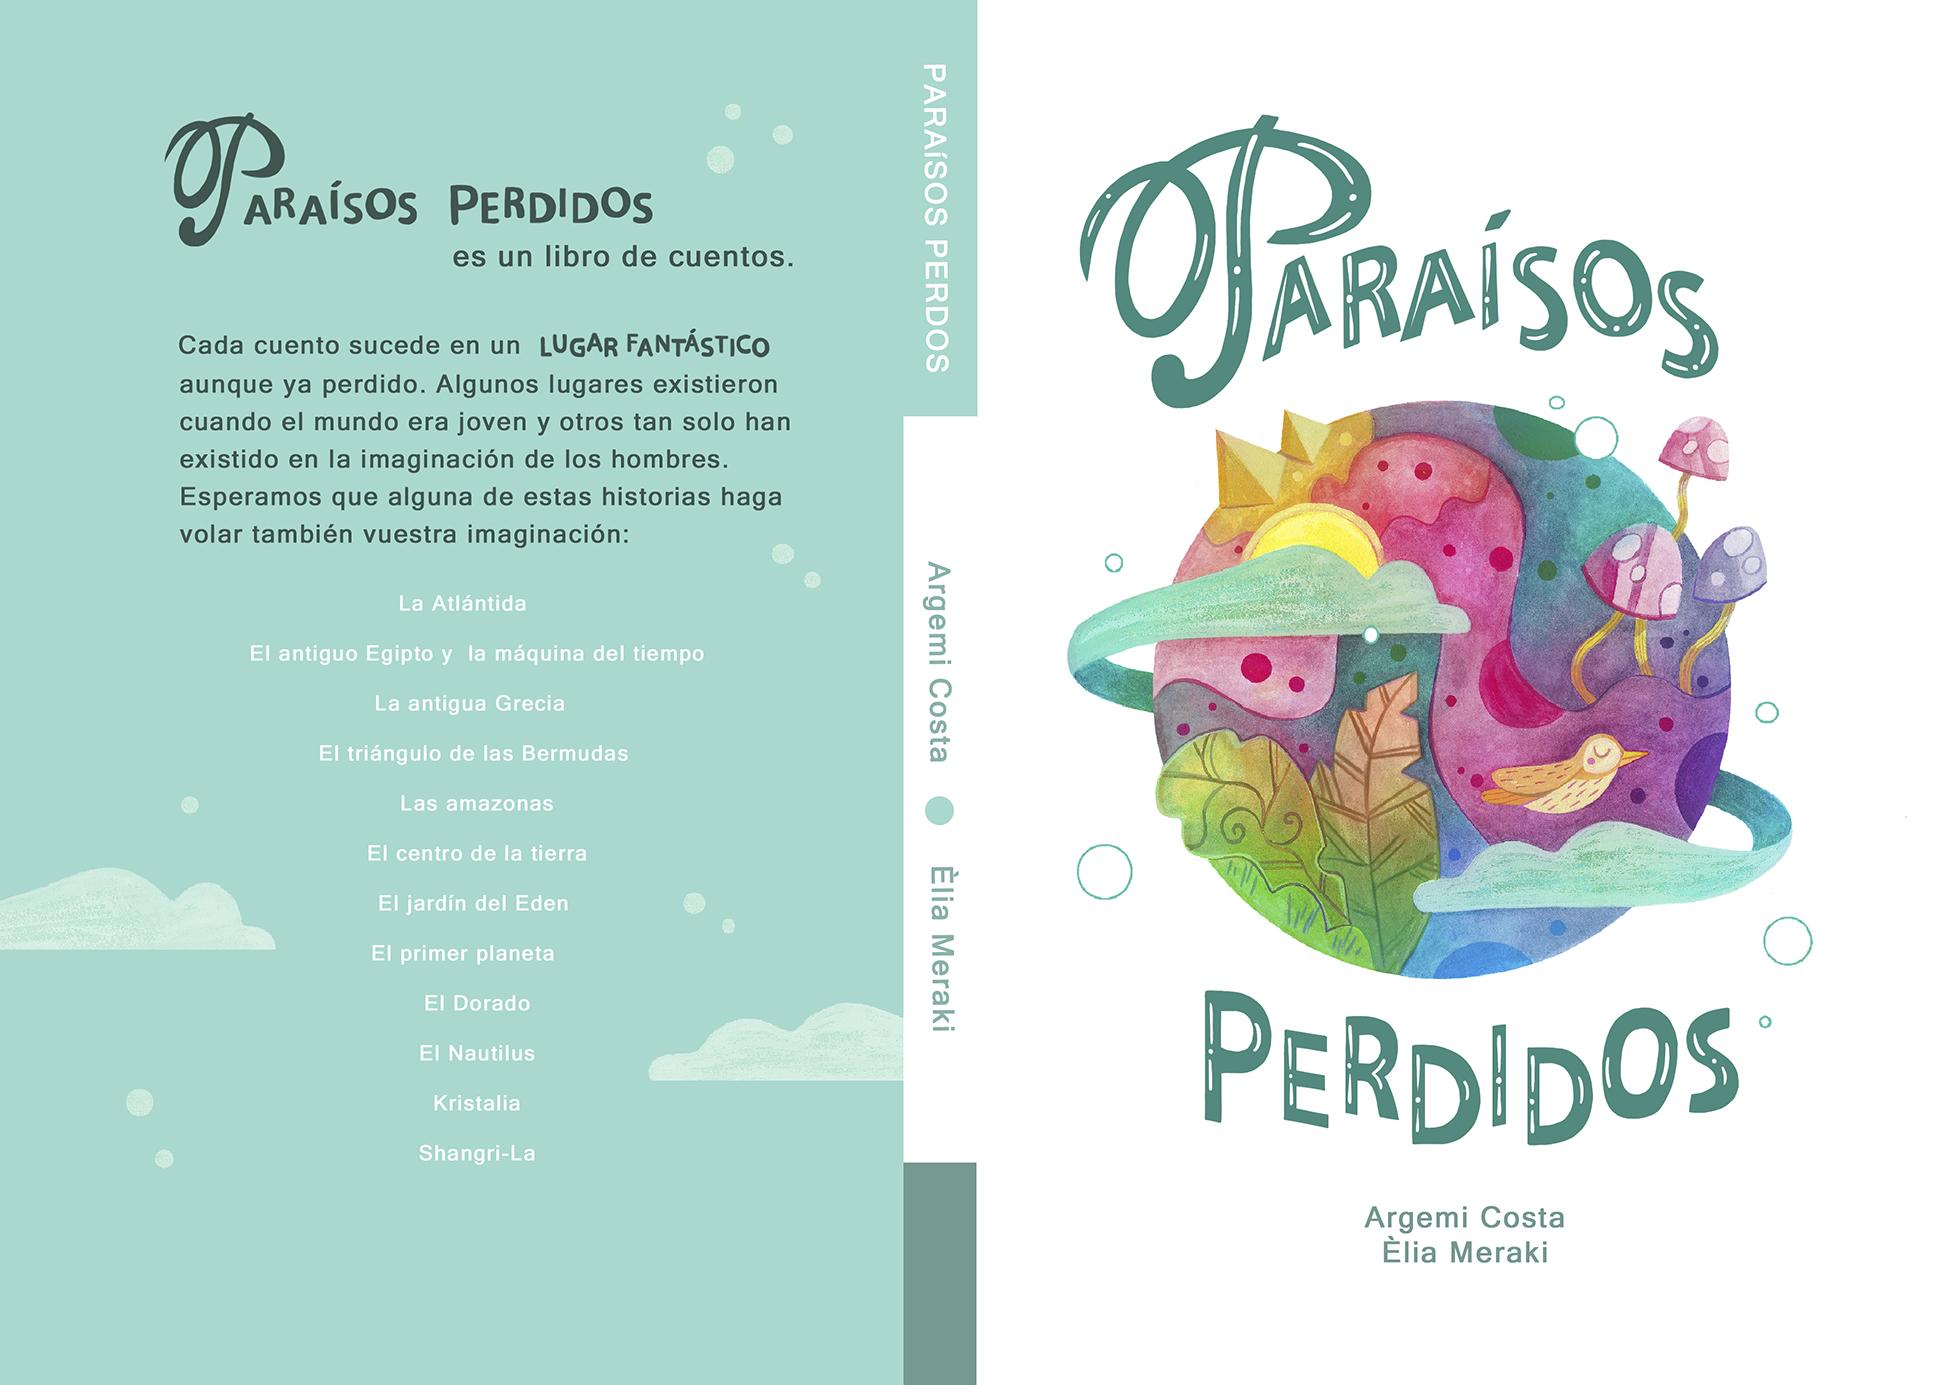 Diseño Èlia Meraki, Paraísos perdidos